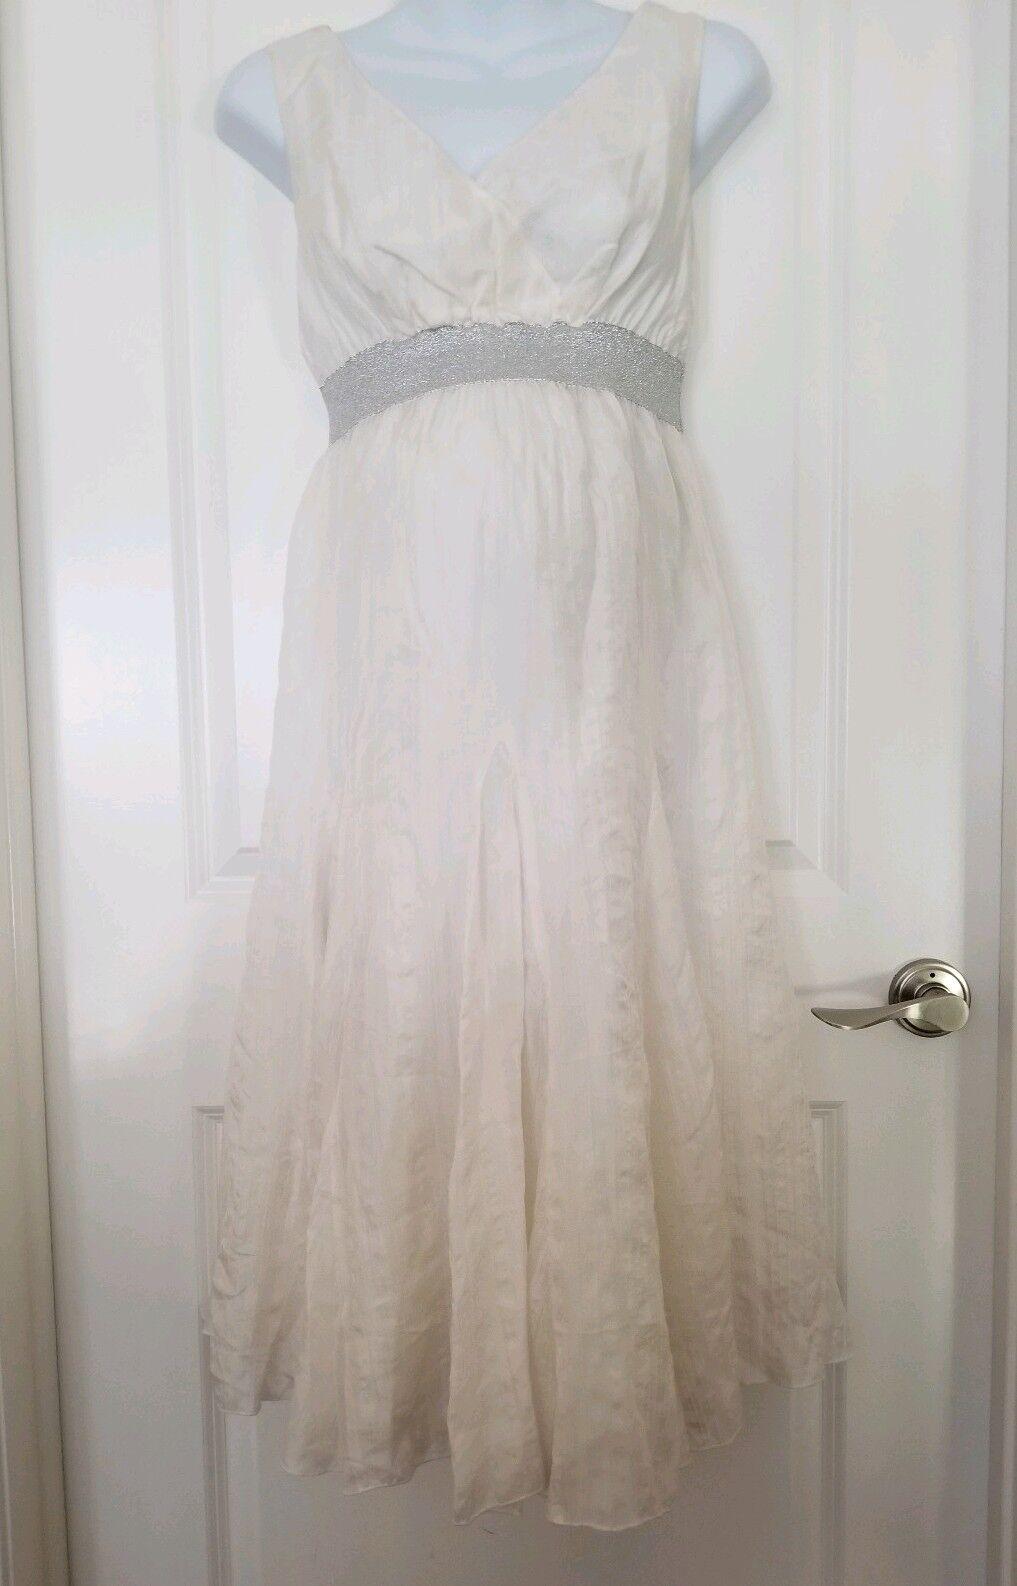 Mimi Maternity Silk Dress Cream Beige Small